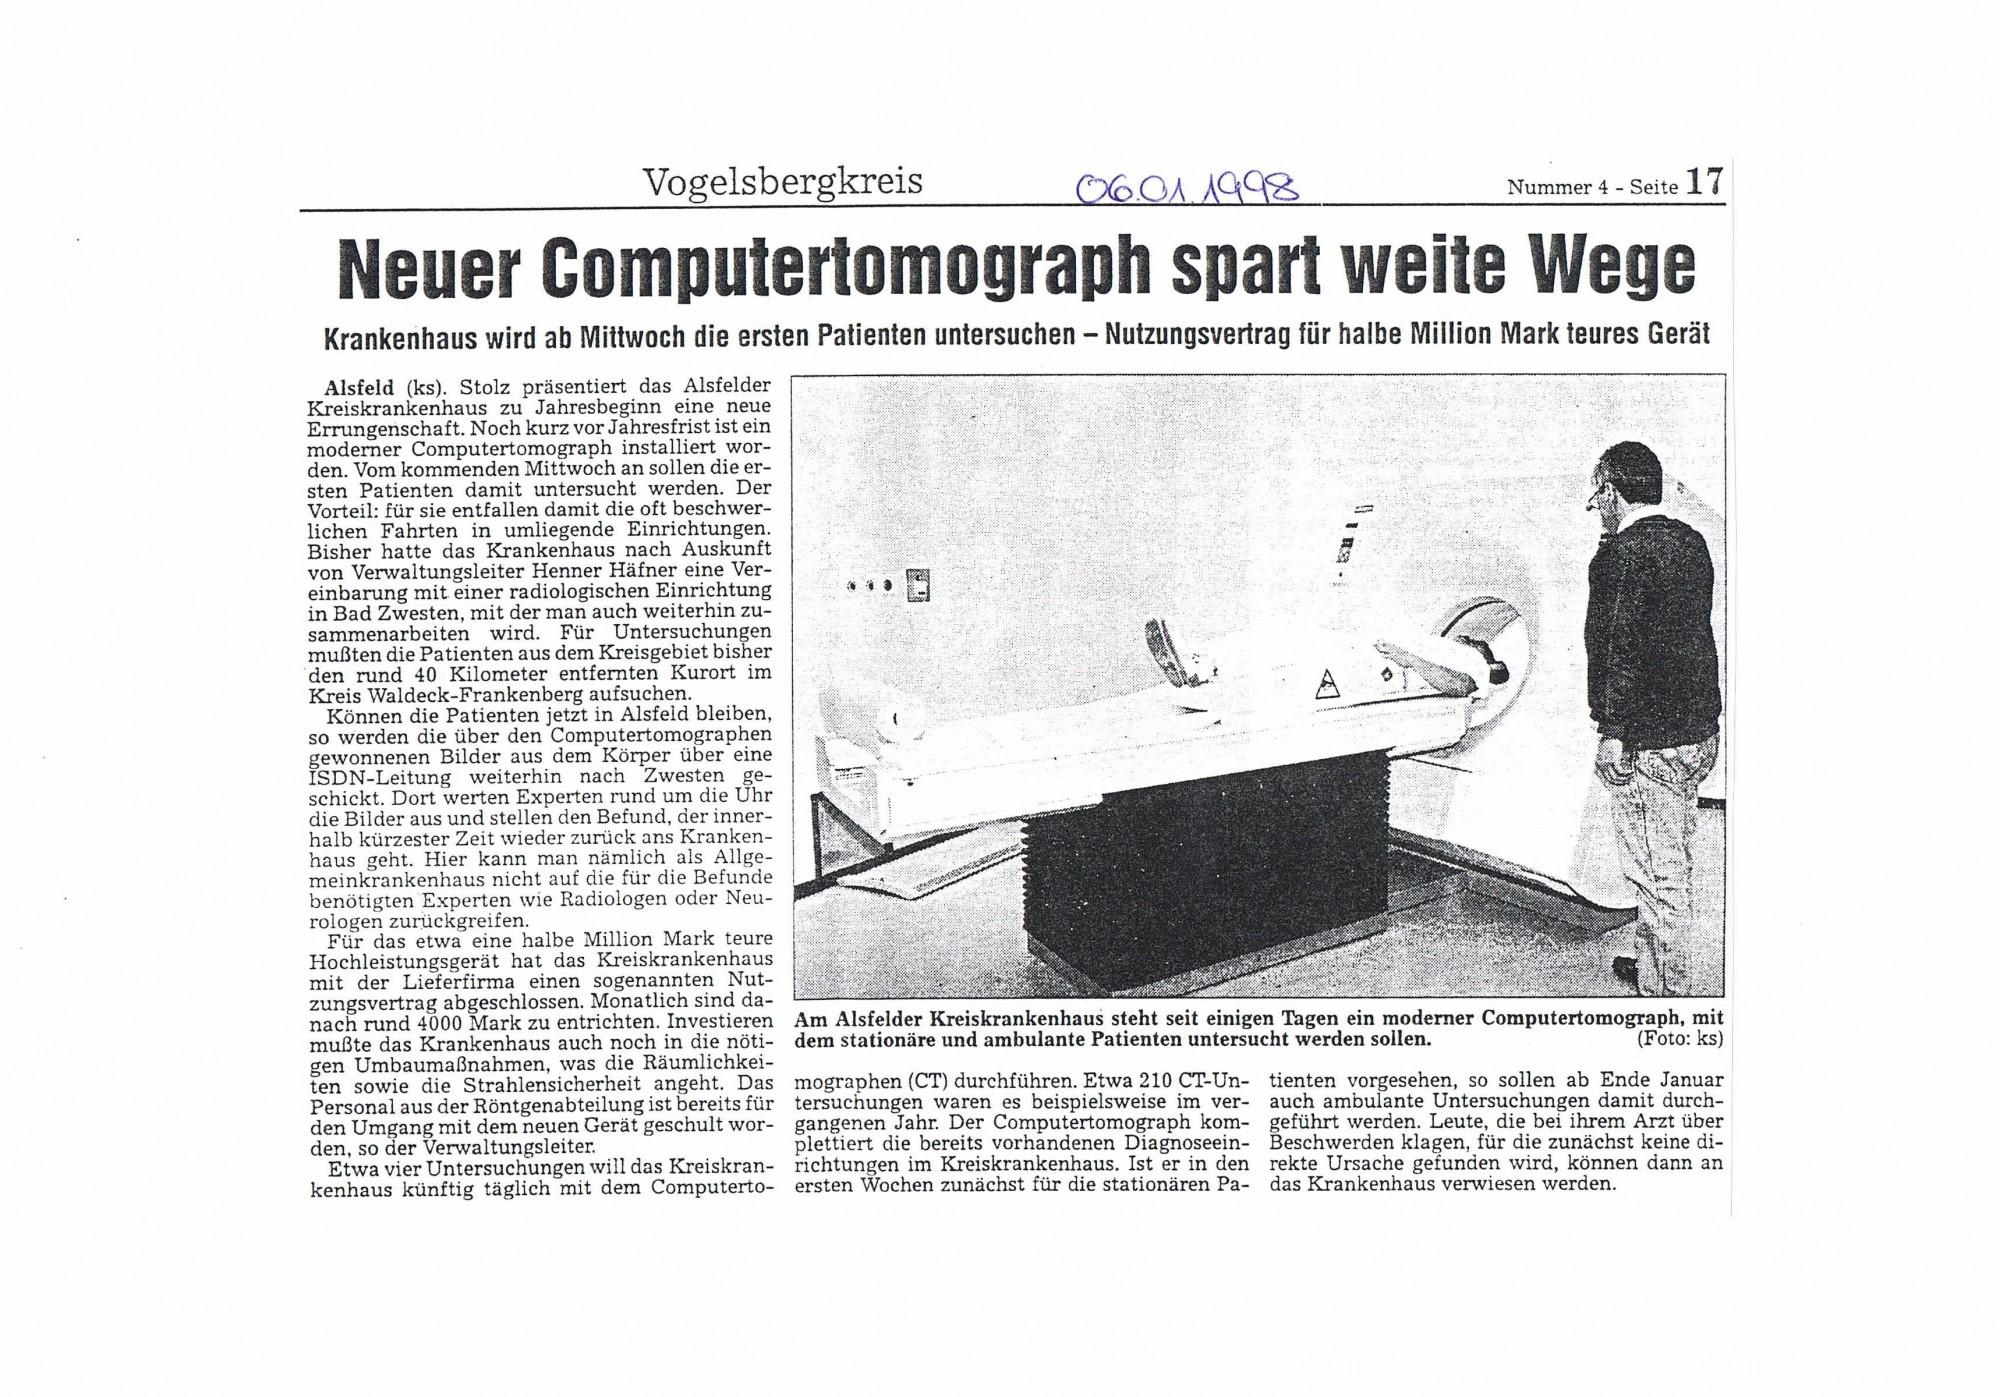 1998-01-06 Neuer Computertomograph spart weite Wege-001